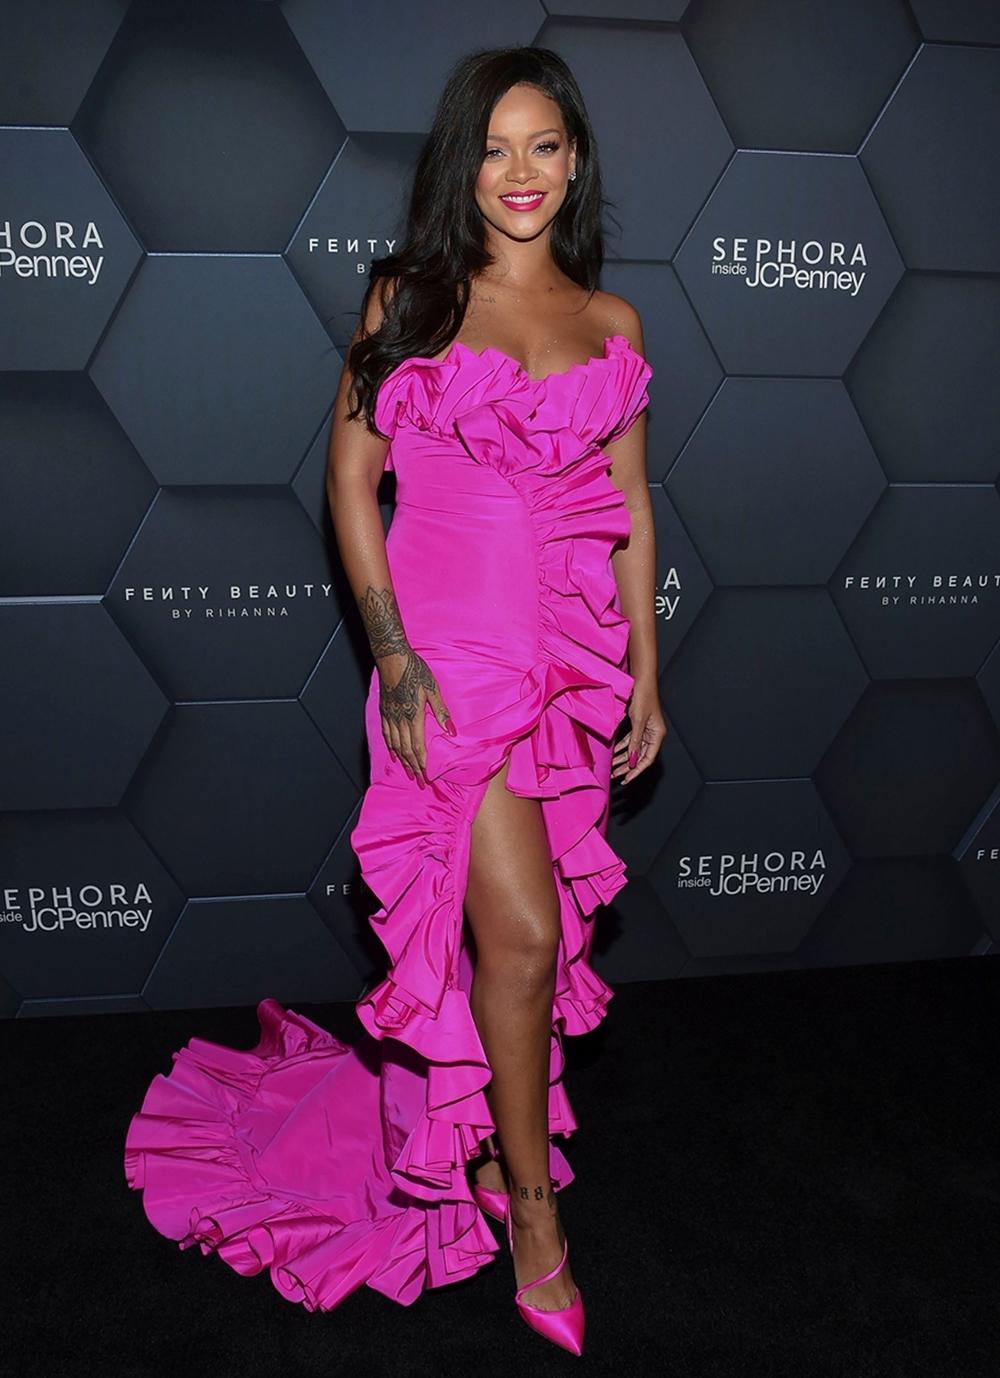 Rihanna diện váy hồng đậm cúp ngực, phối bèo mix giày gót nhọn dự kỷ niệm ngày ra mắt dòng Fenty Beauty.